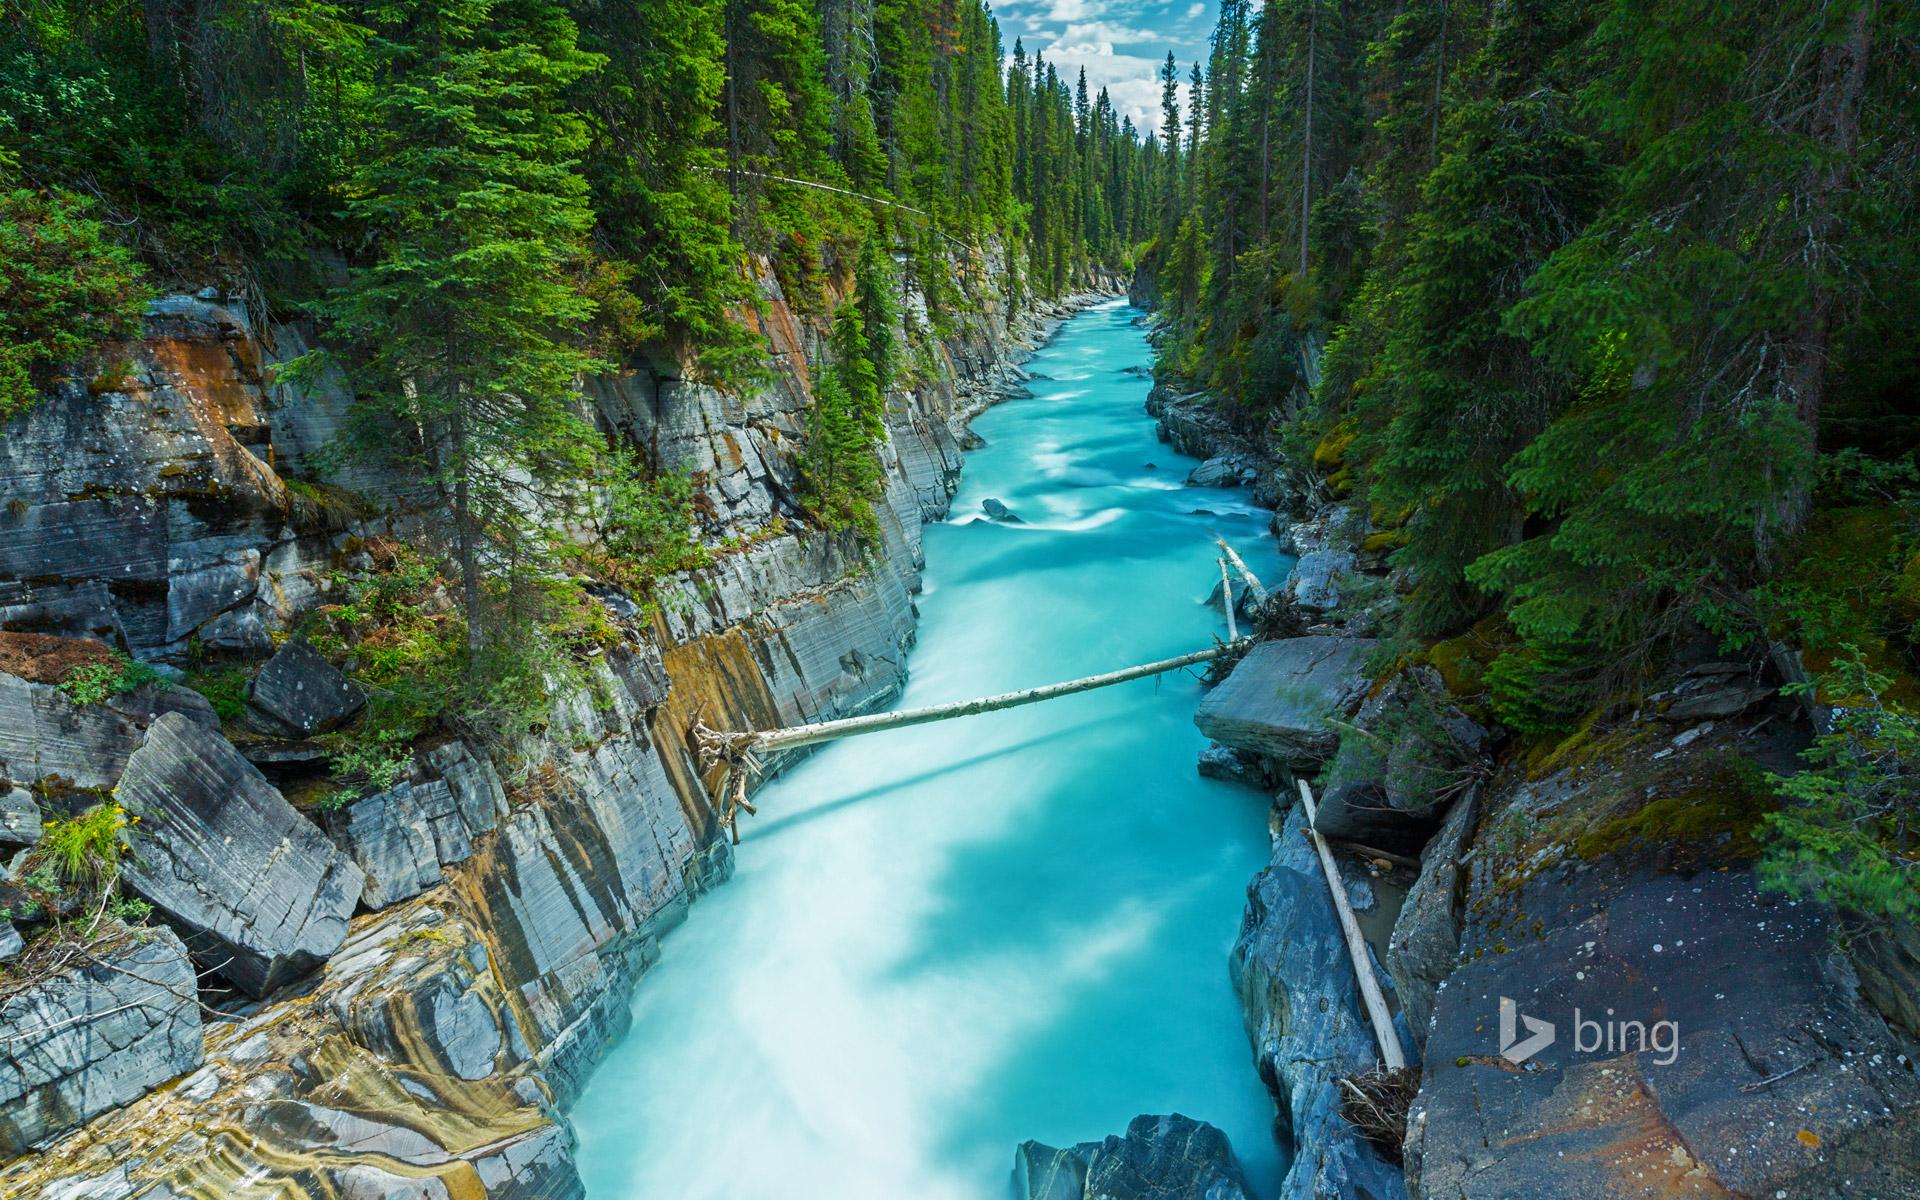 Hình nền đẹp từ Bing chủ đề thác nước